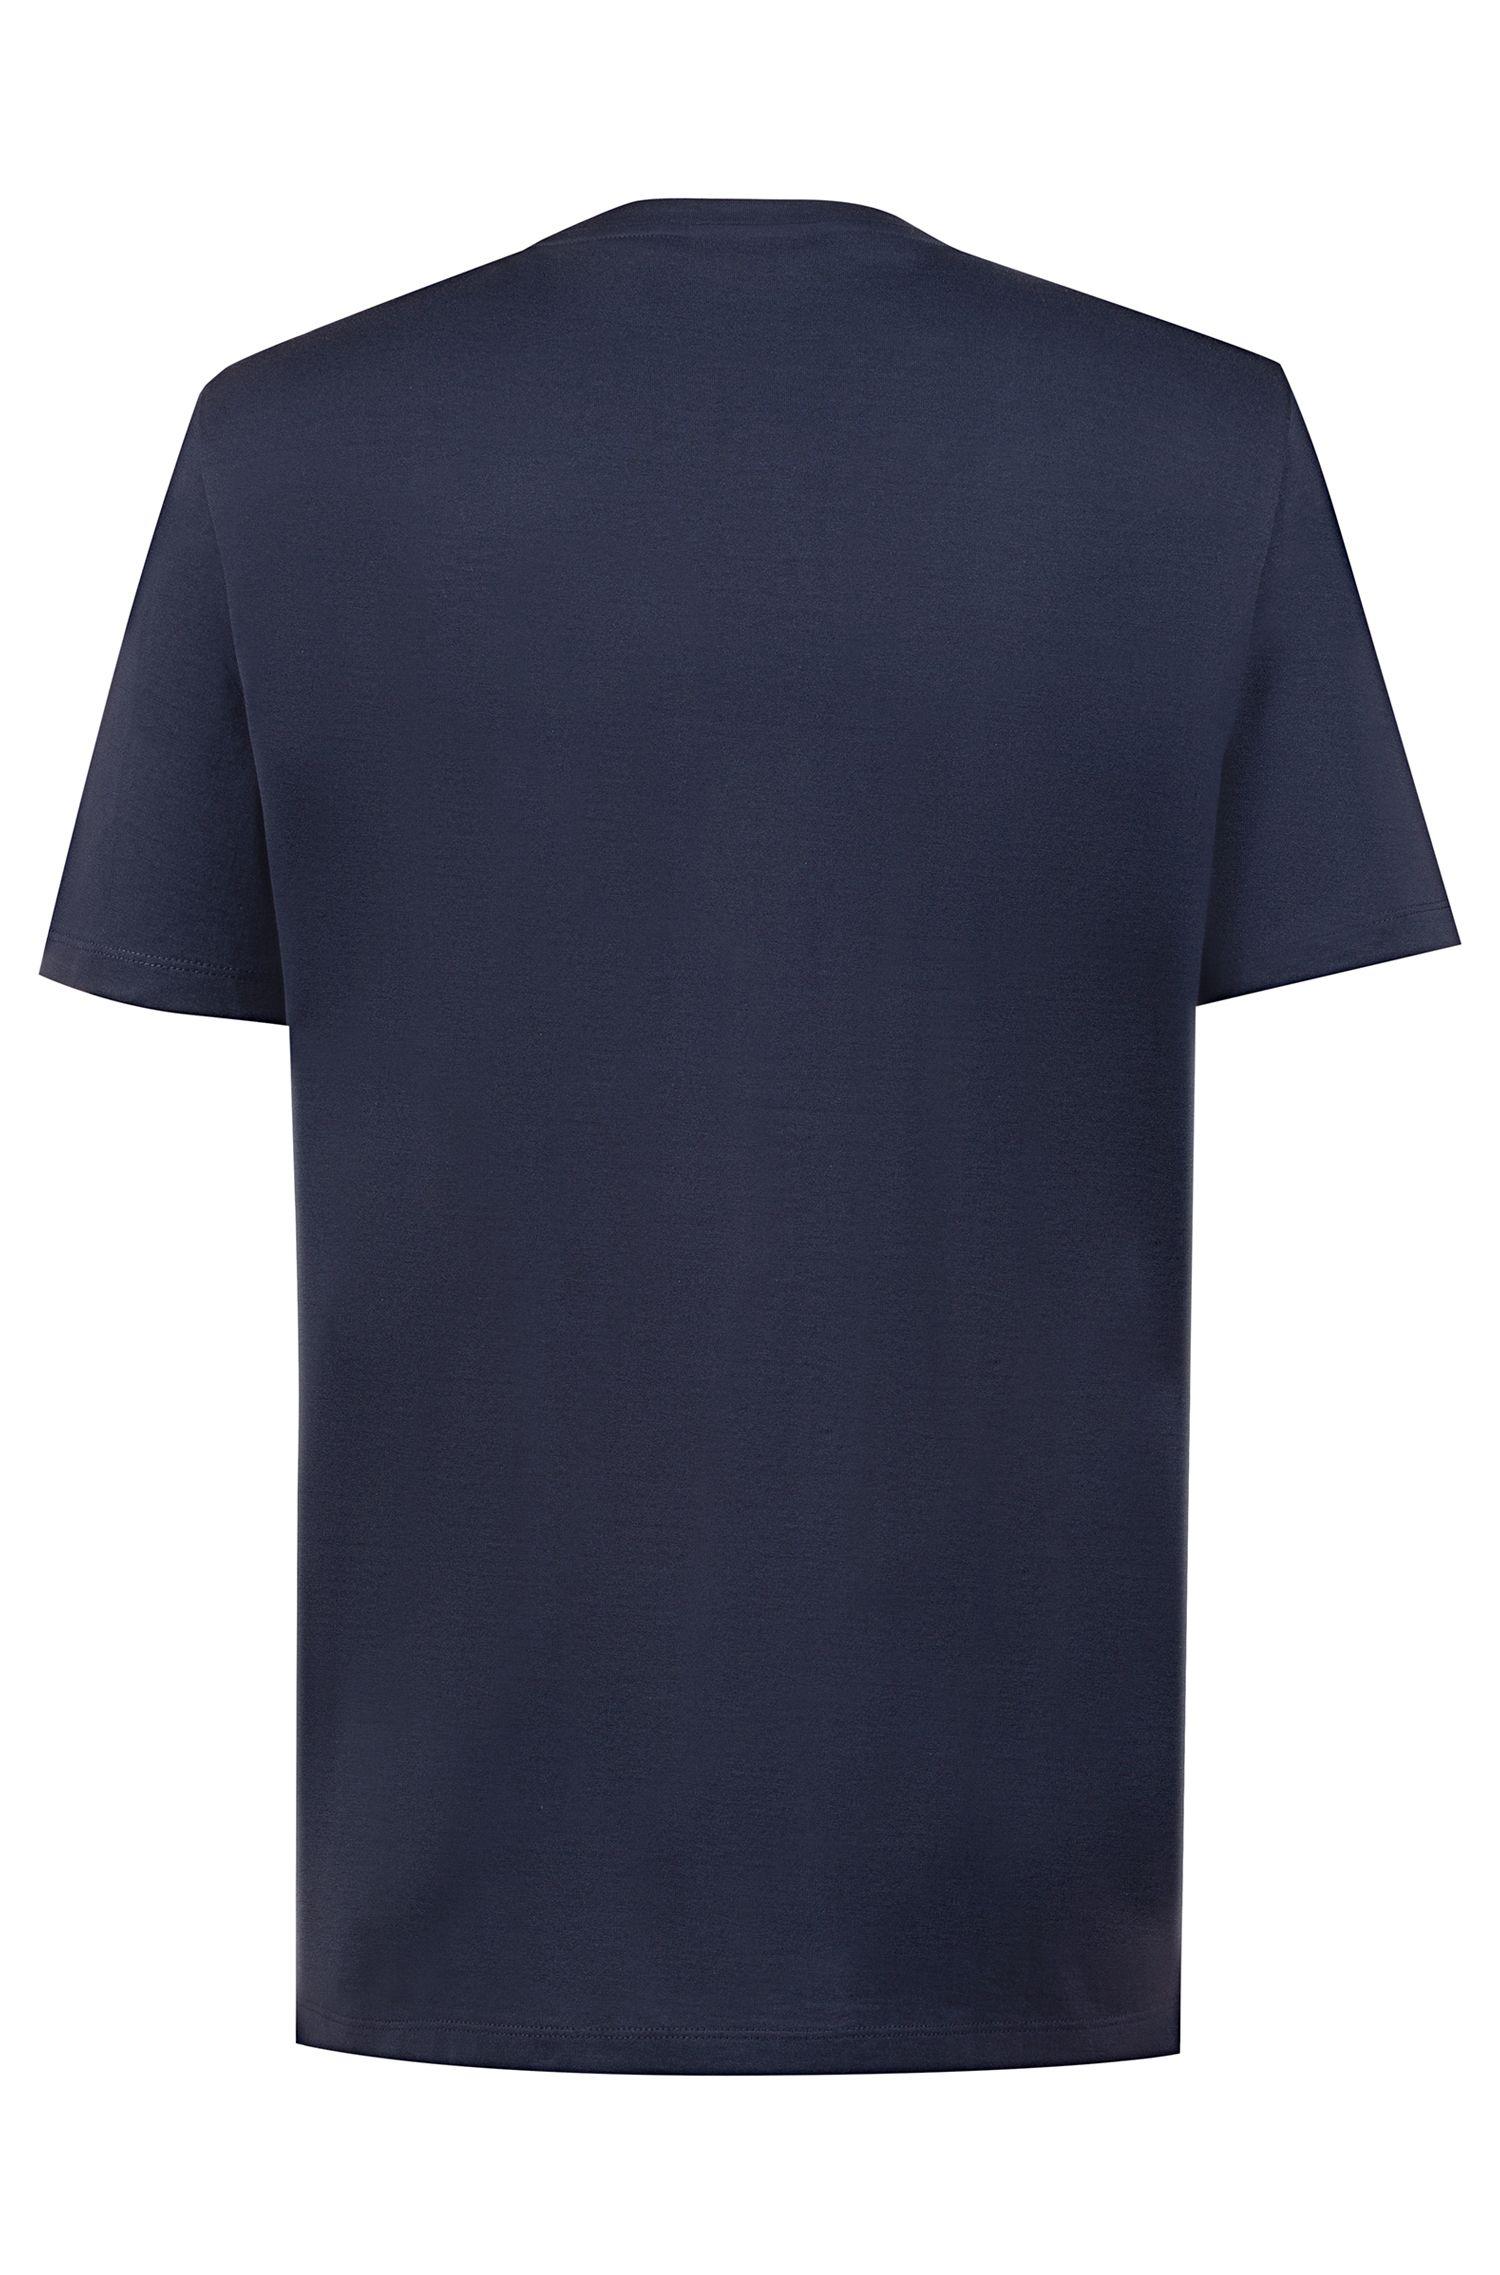 T-shirt in cotone con logo e stampa della nuova stagione, Blu scuro